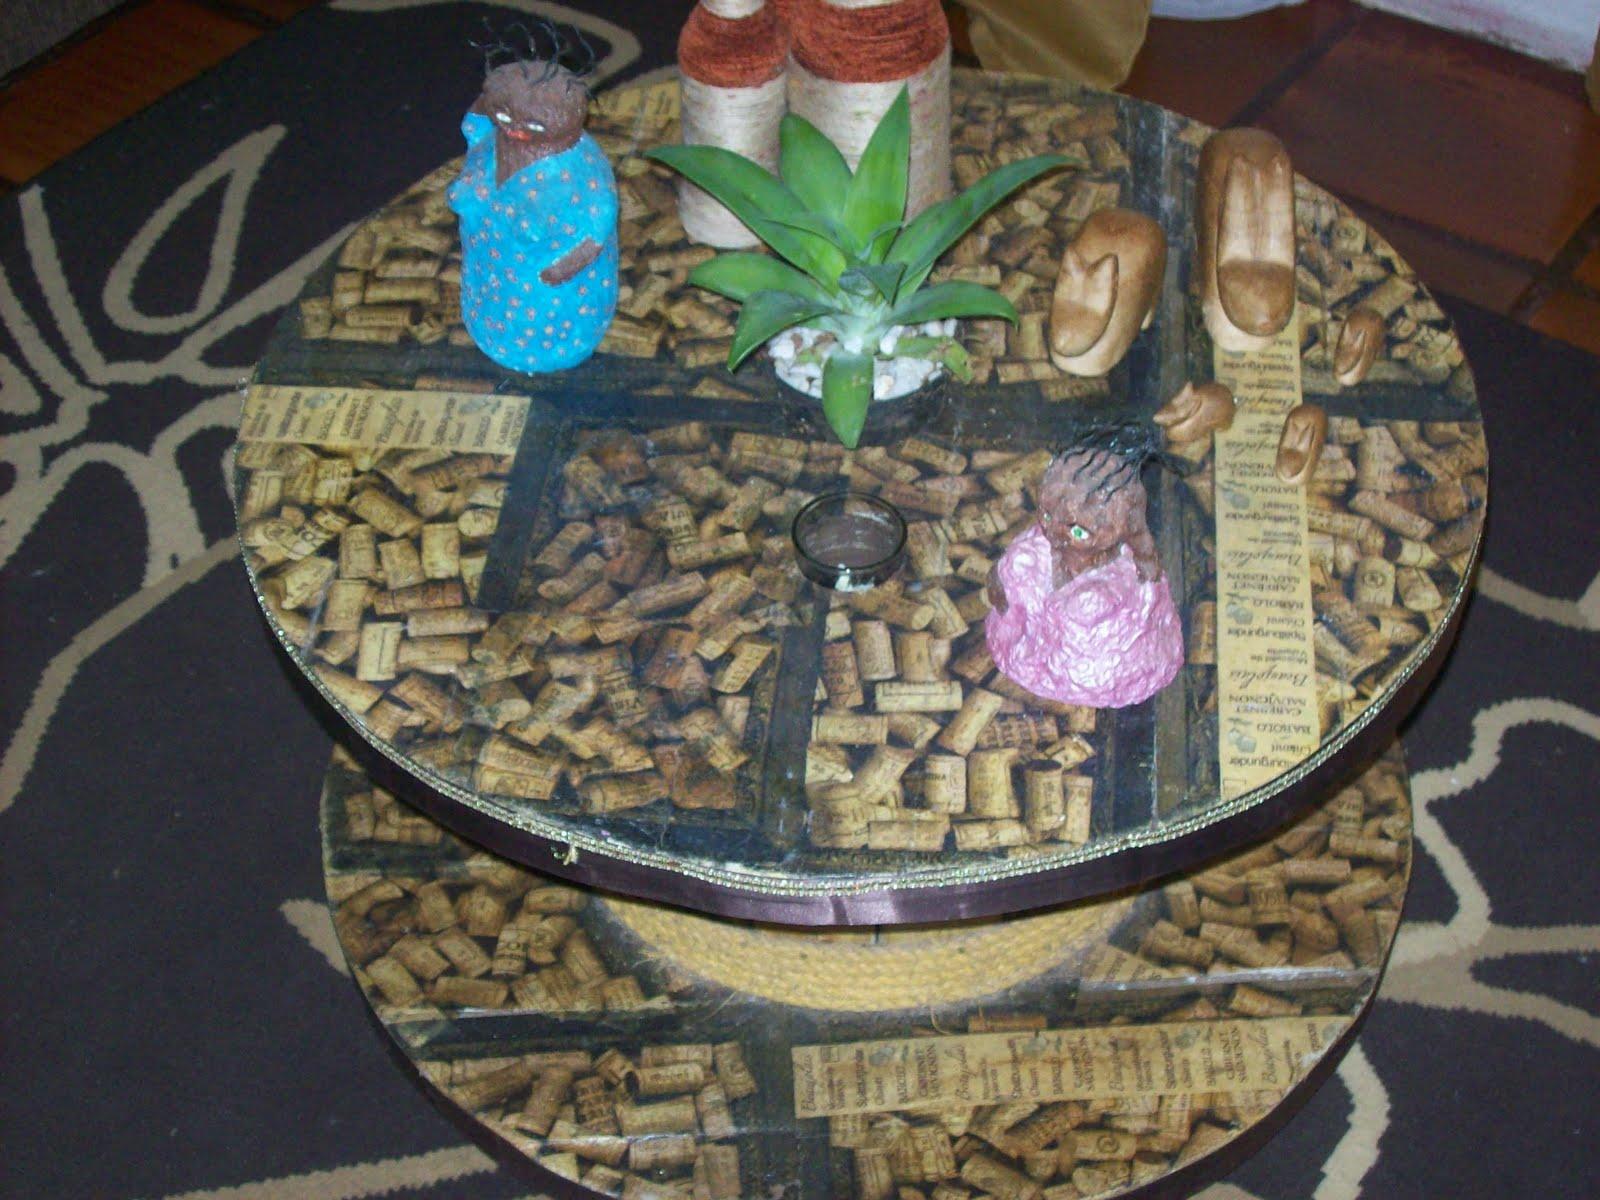 André Oliveira: Mesinha de centro feita com carretel de madeira #837848 1600x1200